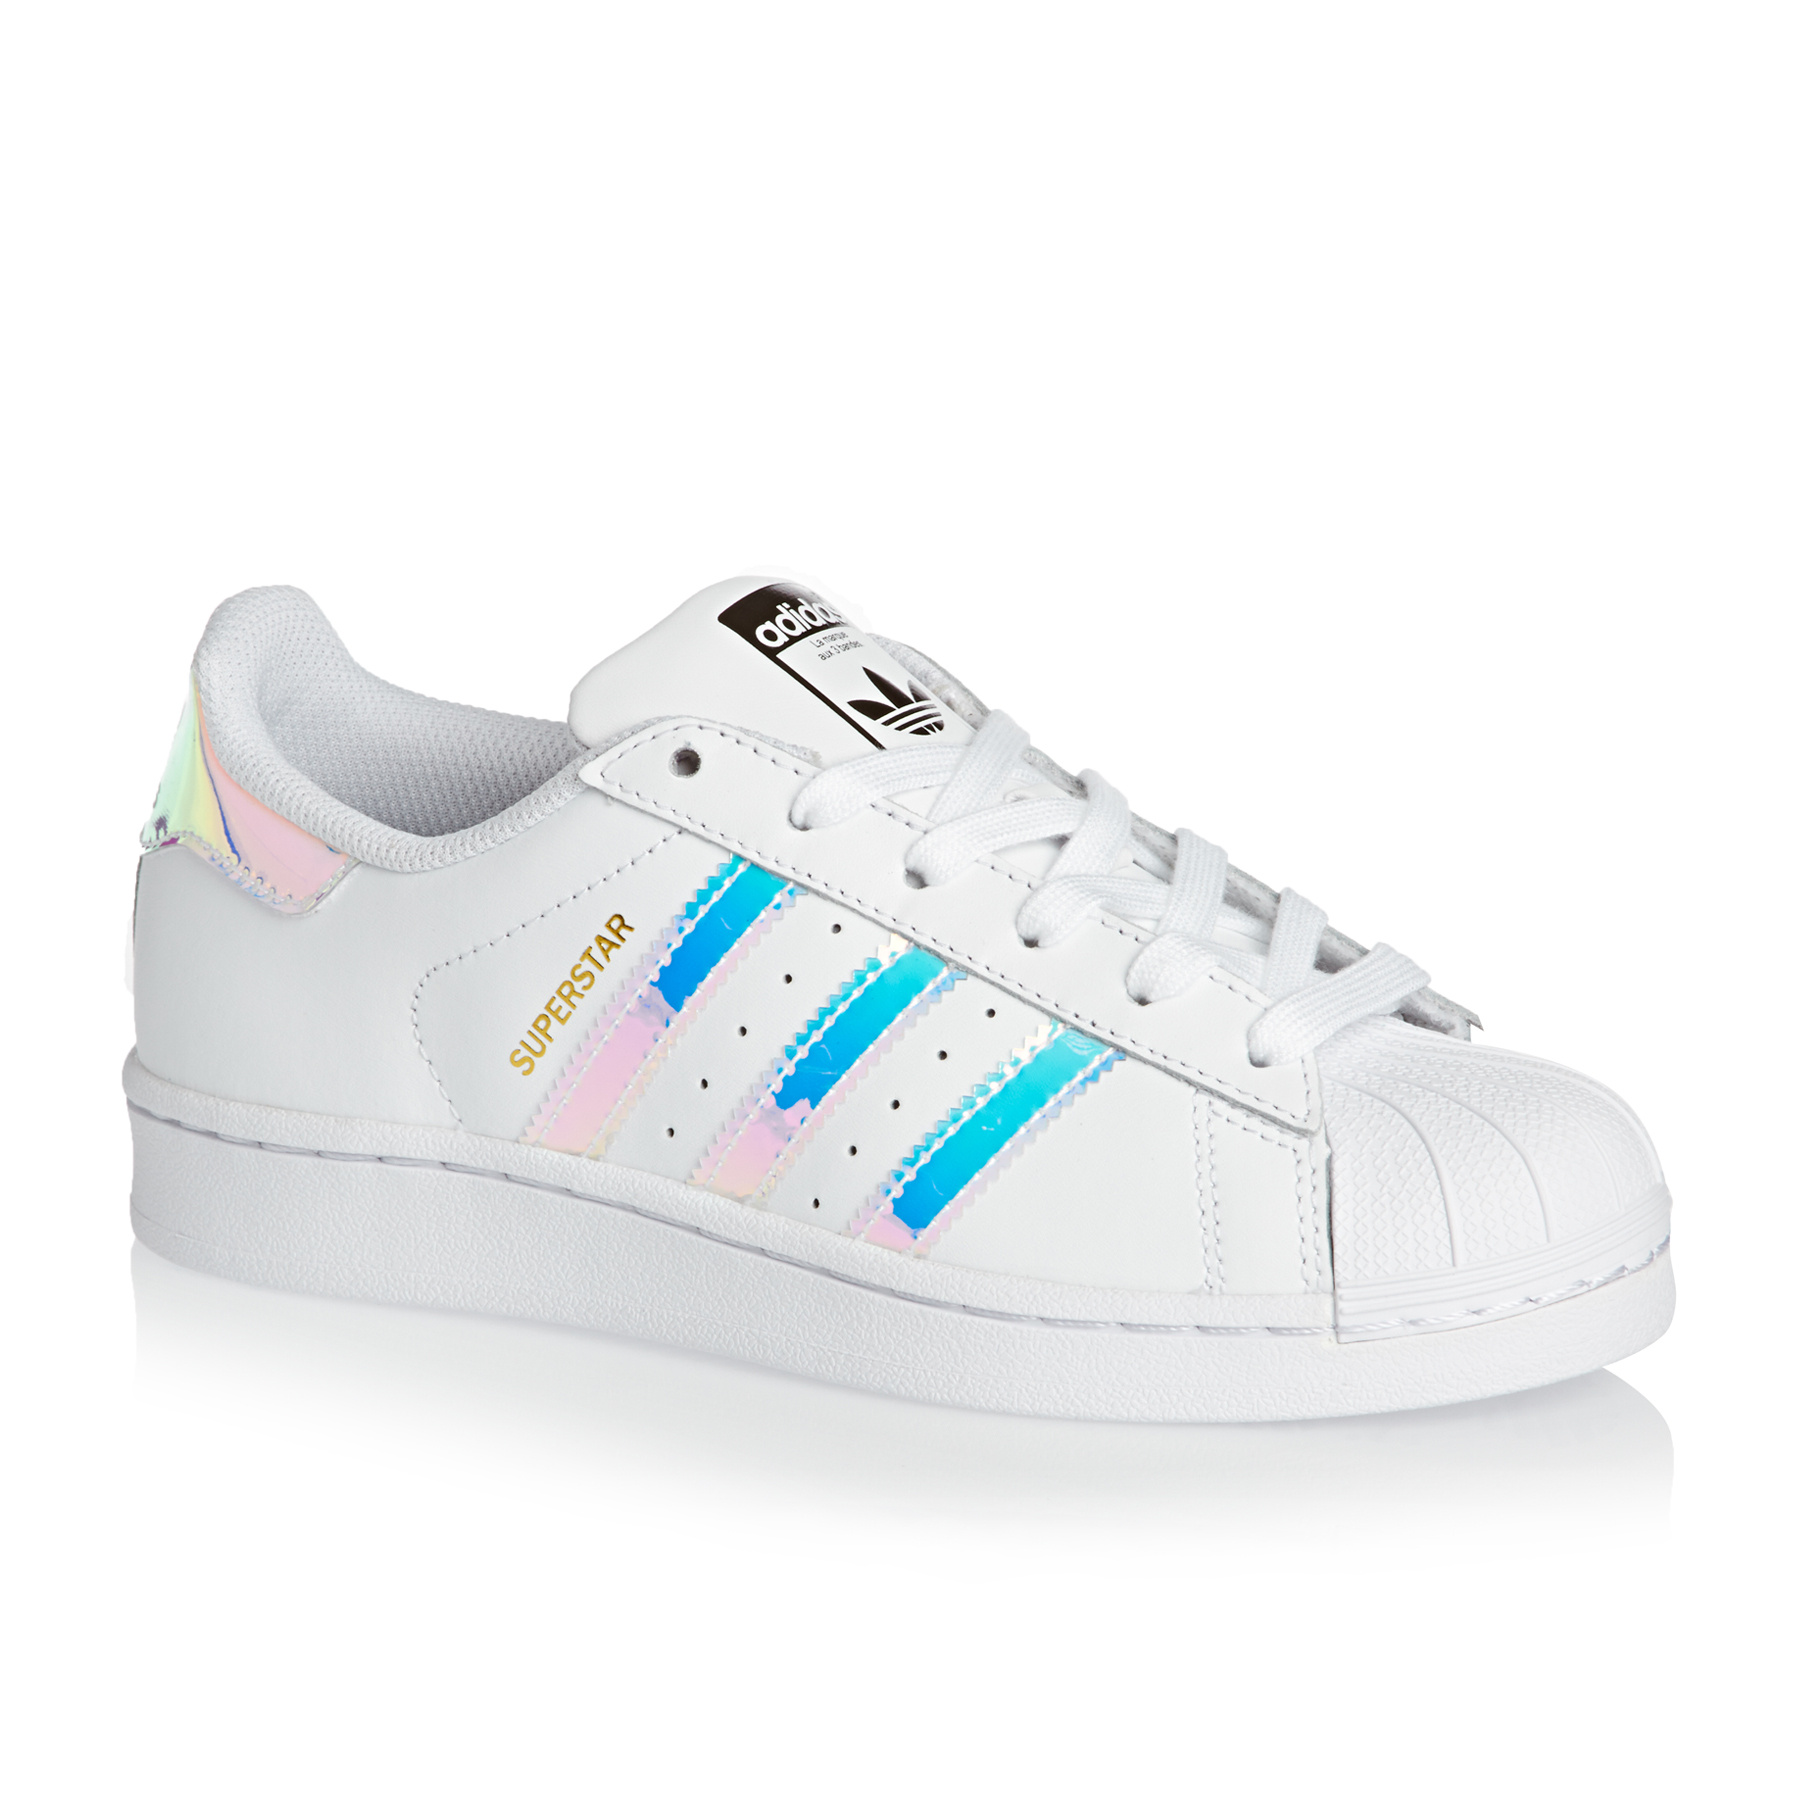 Sapatos Girls Adidas Originals Superstar Envio Grátis* com